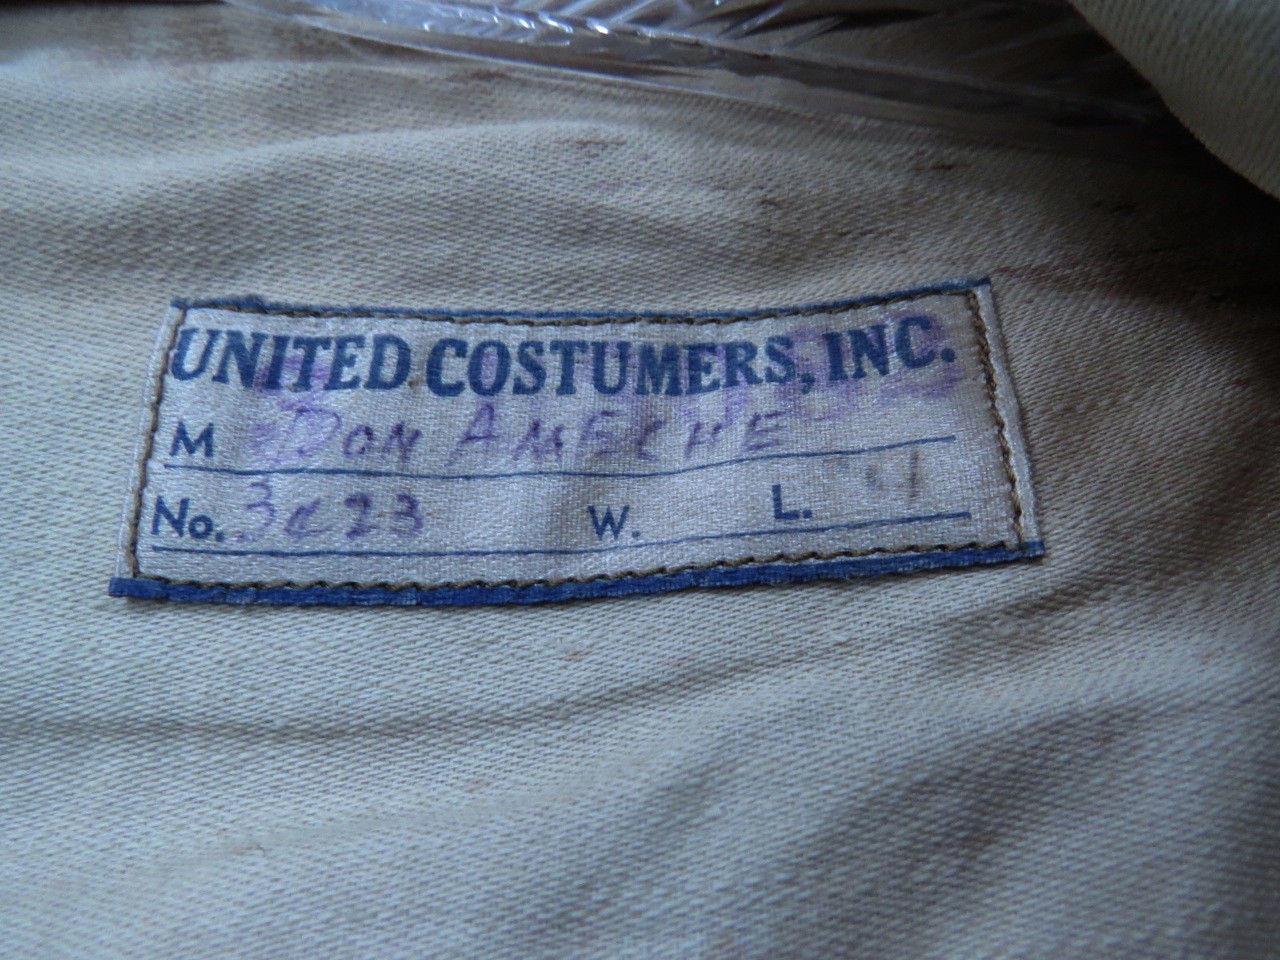 Etiquette de la UNITED CUSTUMERS. le nom DON AMECHE est inscrit dessus.